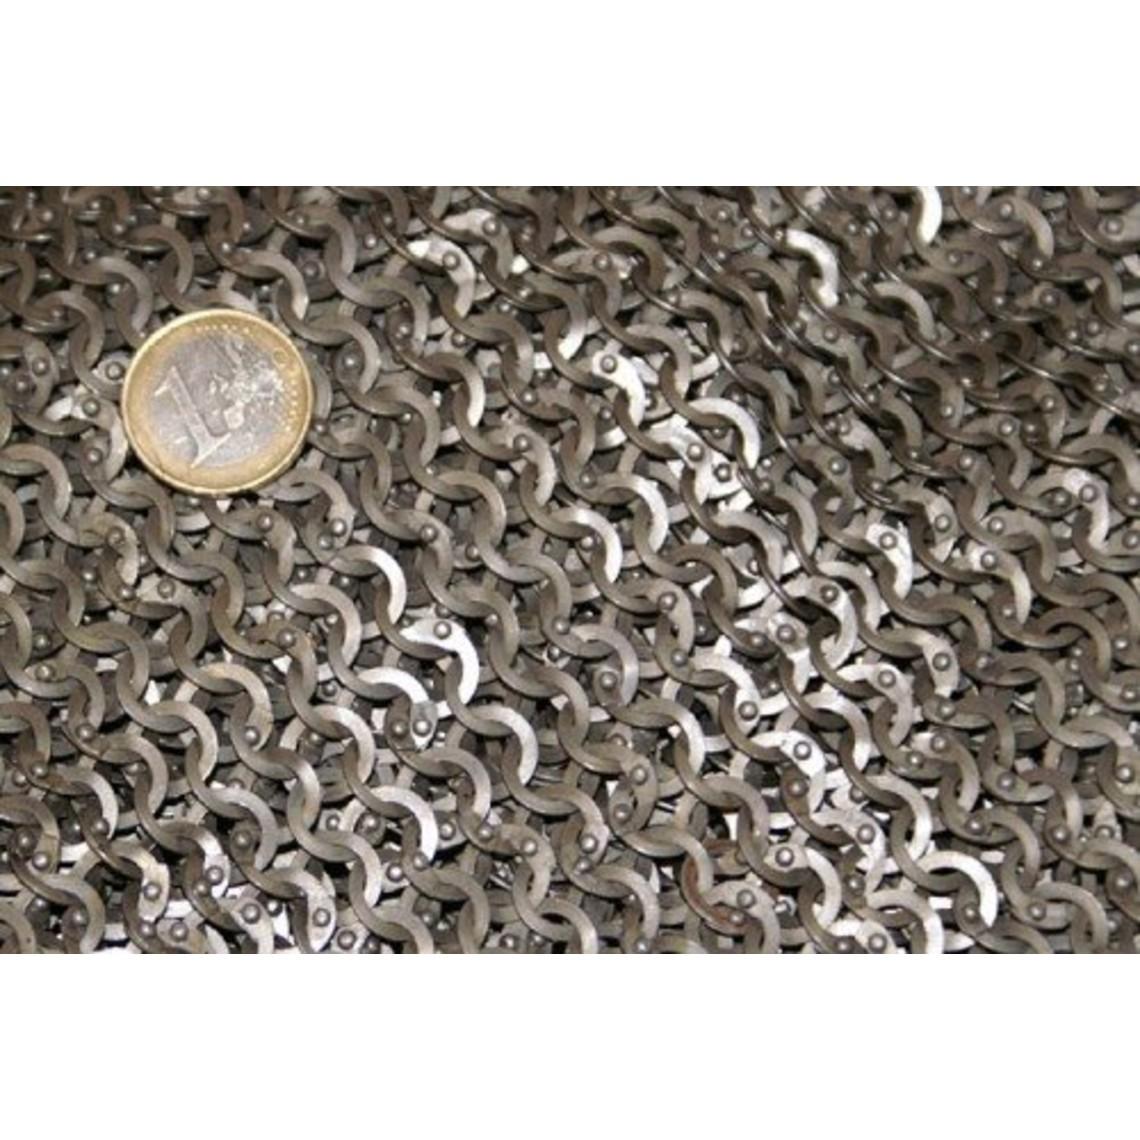 Ulfberth Haubert à manches mi-longues, anneaux plats-rivets ronds, 8mm